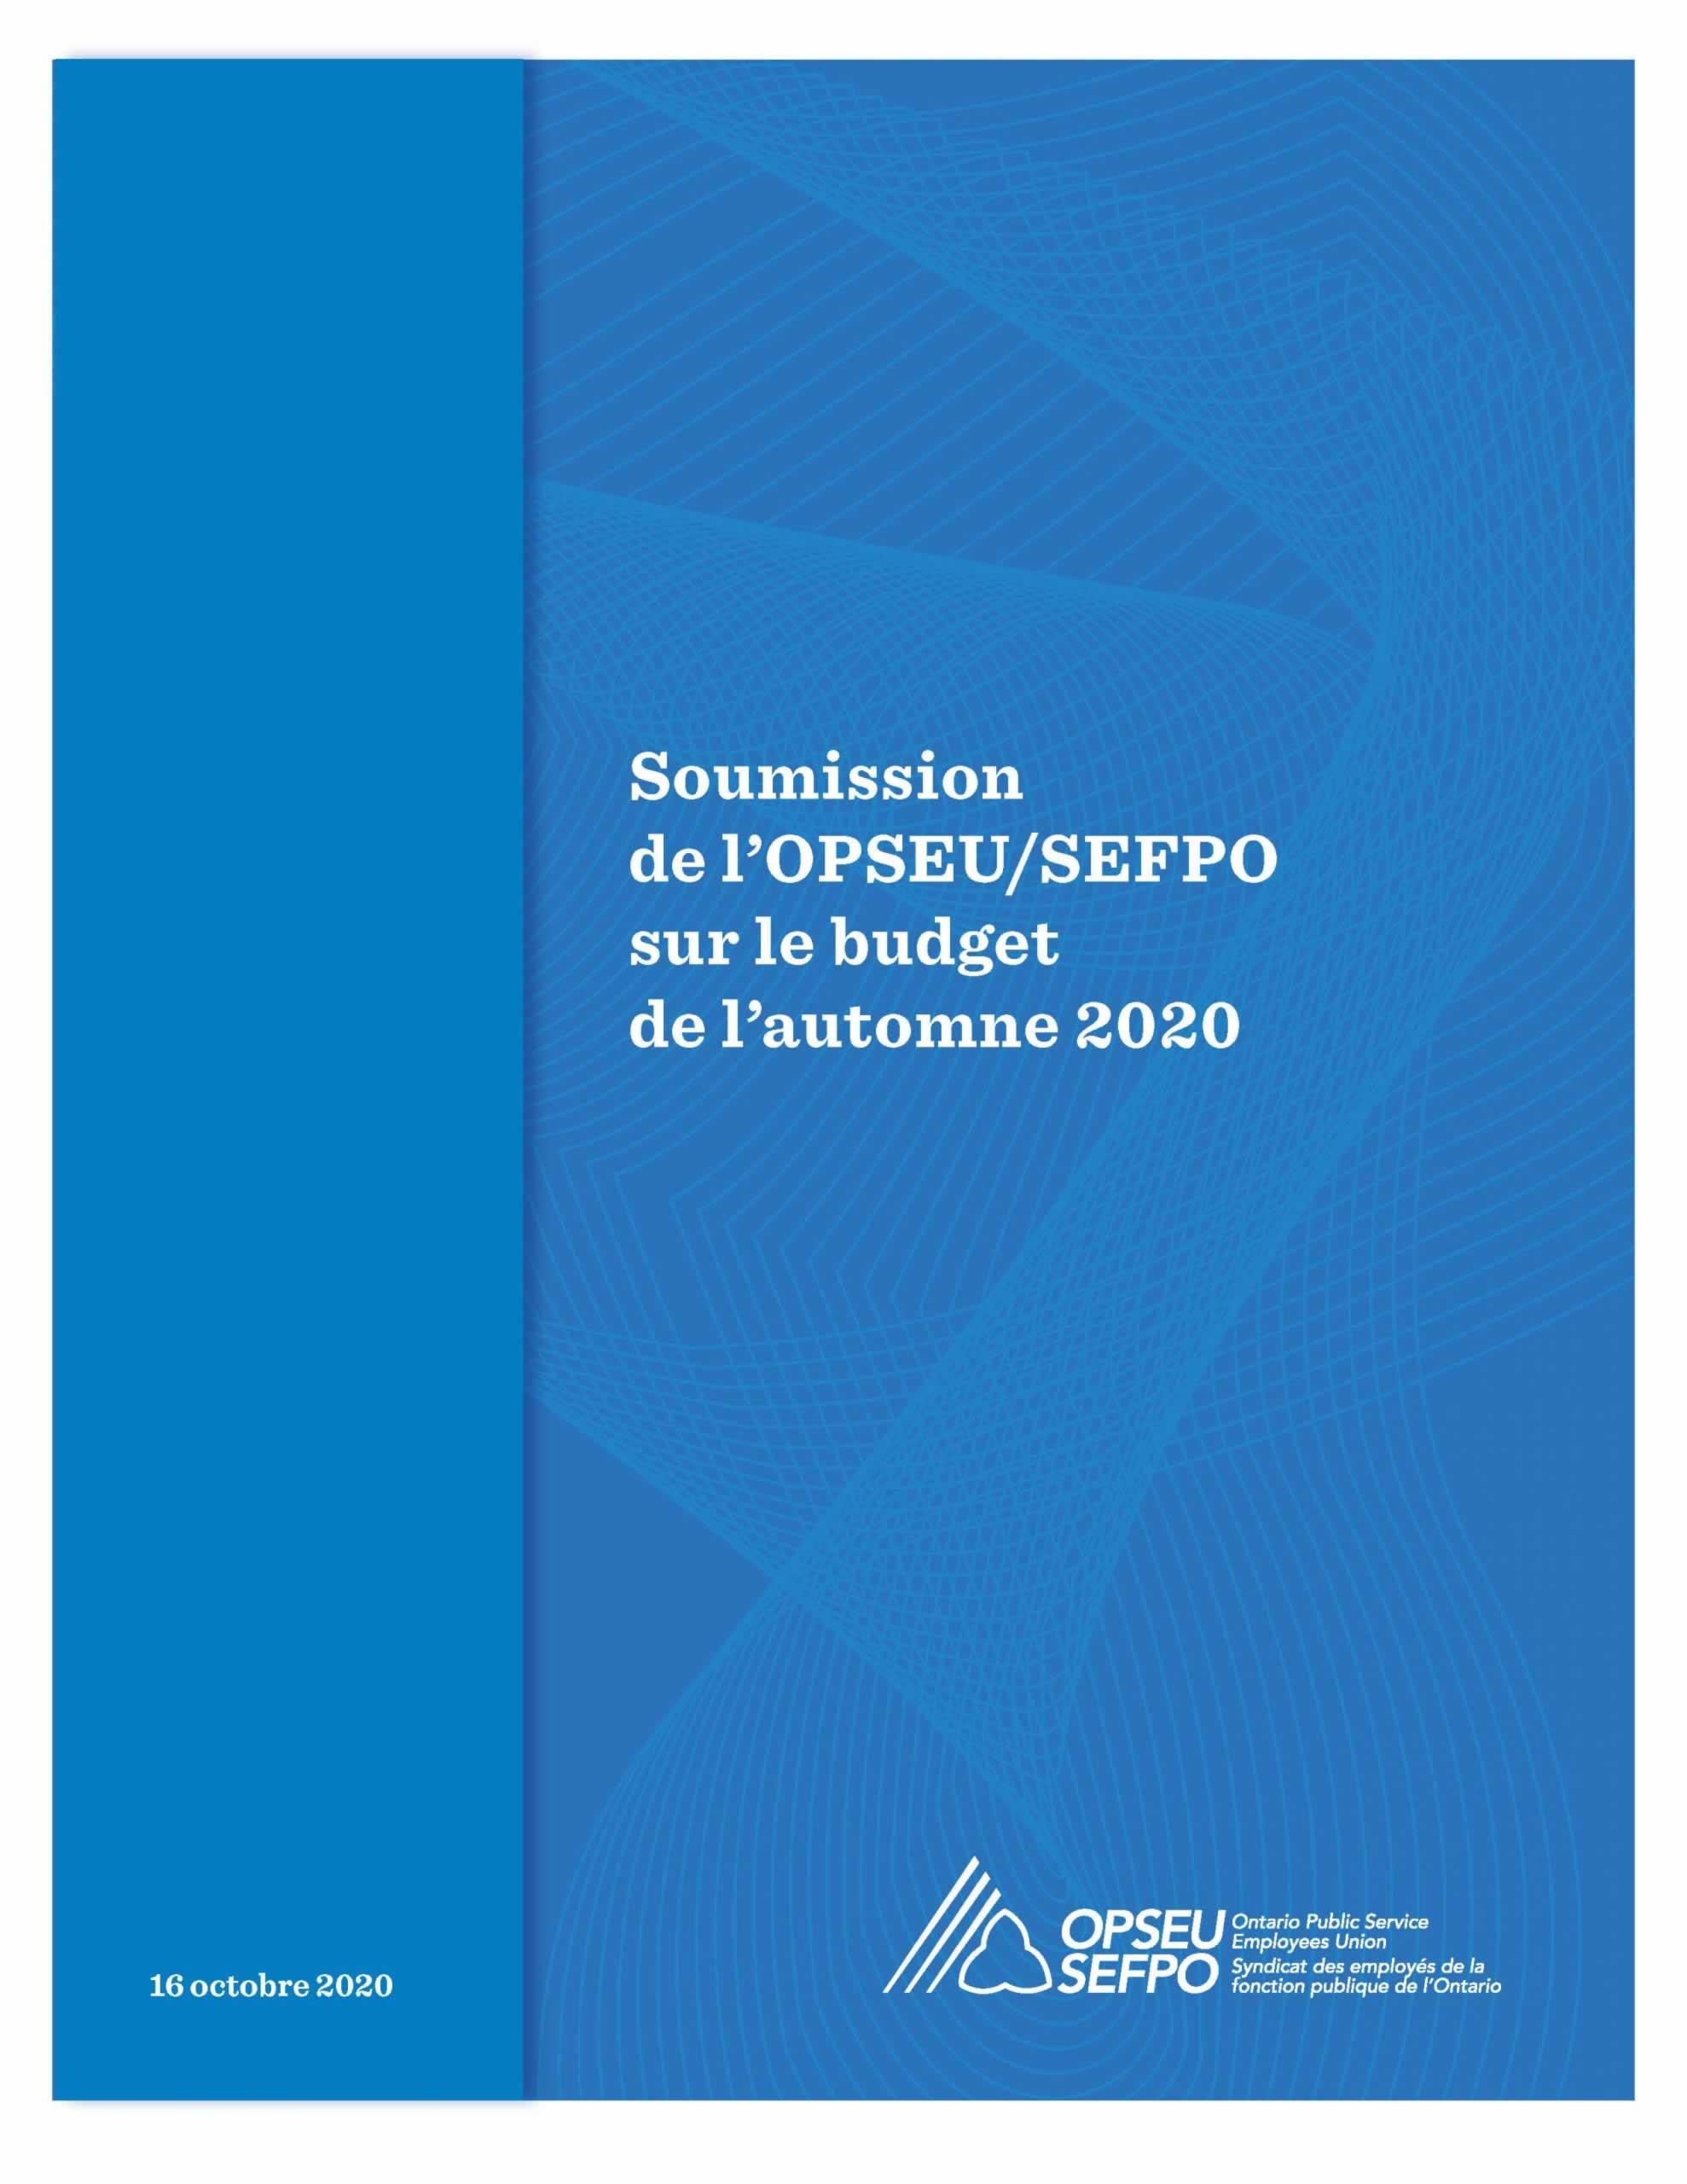 Page de couverture bleue avec le titre de la soumission prébudgétaire du SEFPO